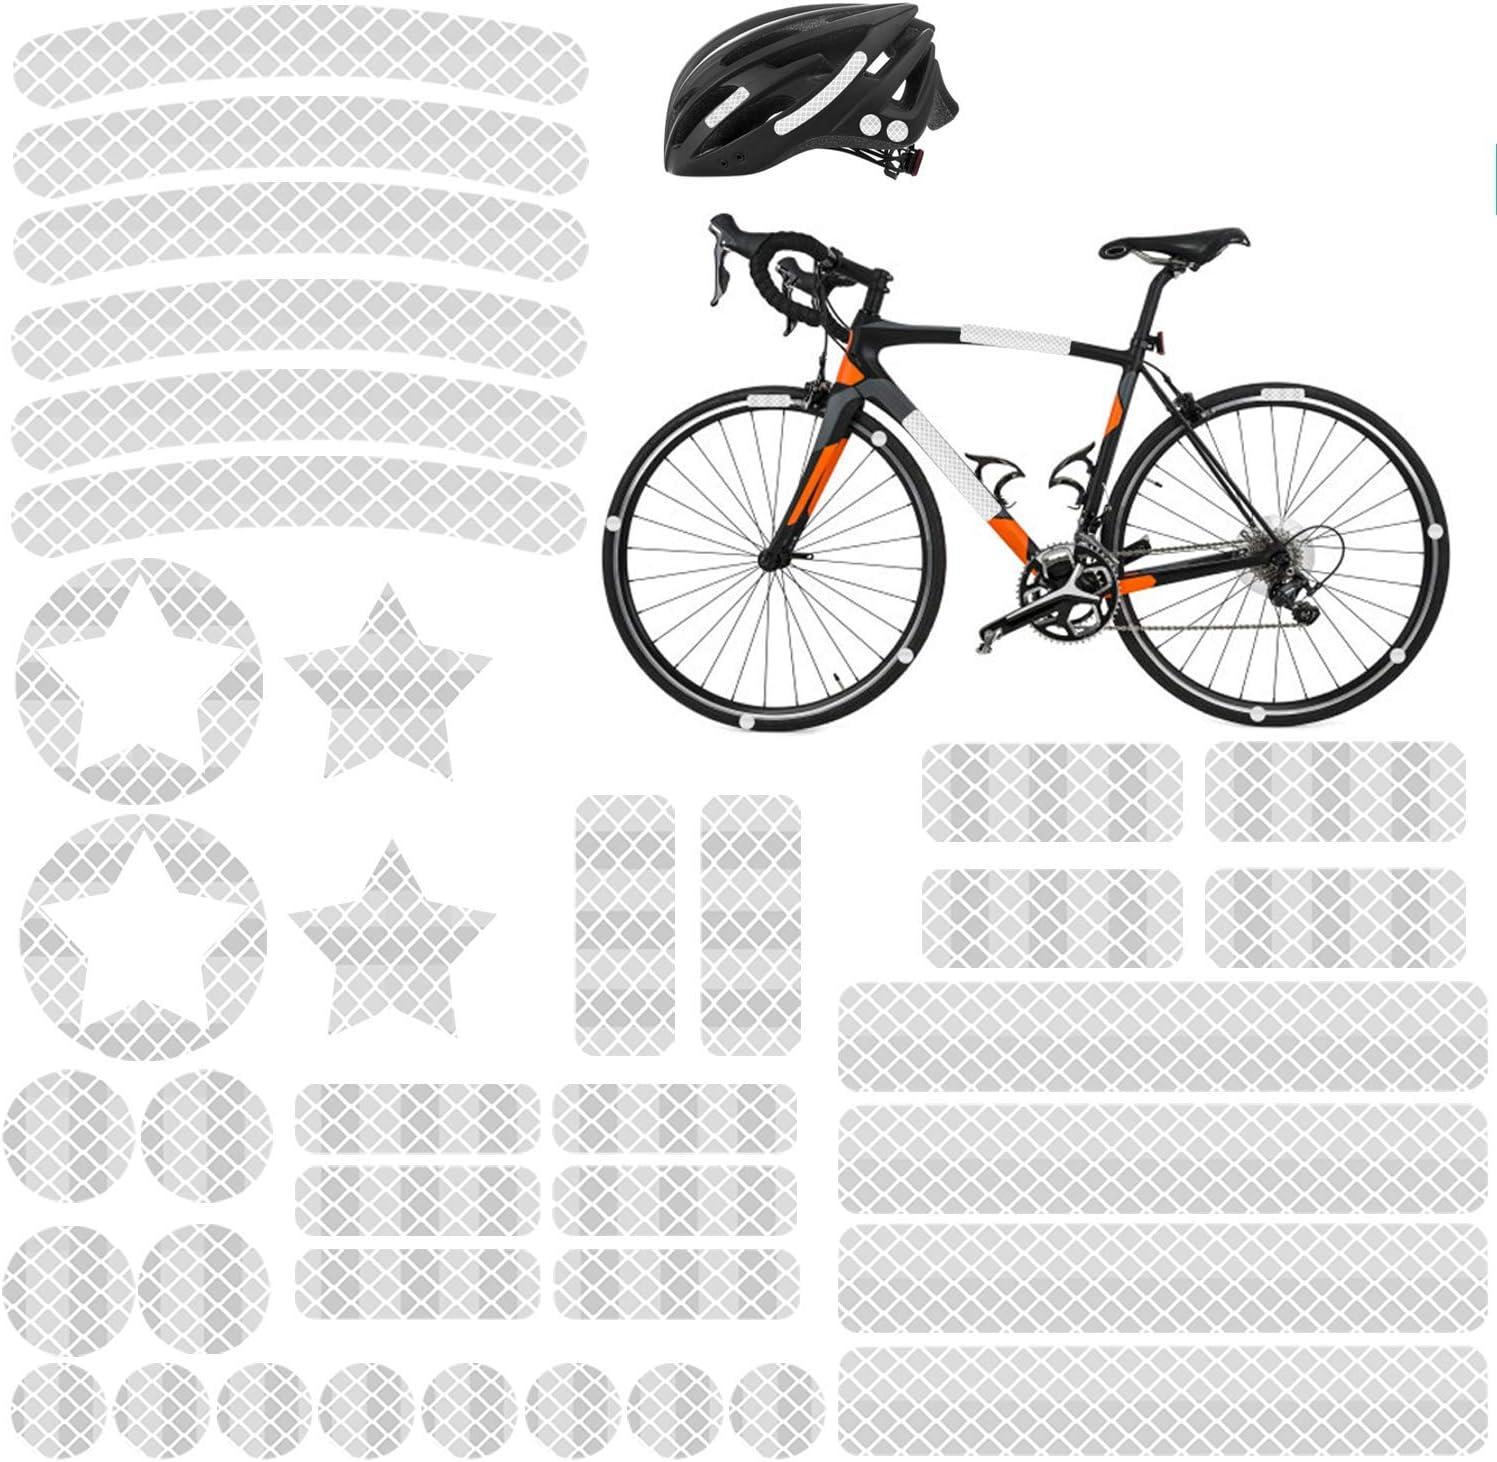 Reflektoren Aufkleber Sticker 38 Stück Hiperformance Reflexfolie Set Zur Sicherungs Markierung Von Kinderwagen Helmen Mit Stickern Selbstklebend Und Hochreflektierend Von Agptek Sport Freizeit